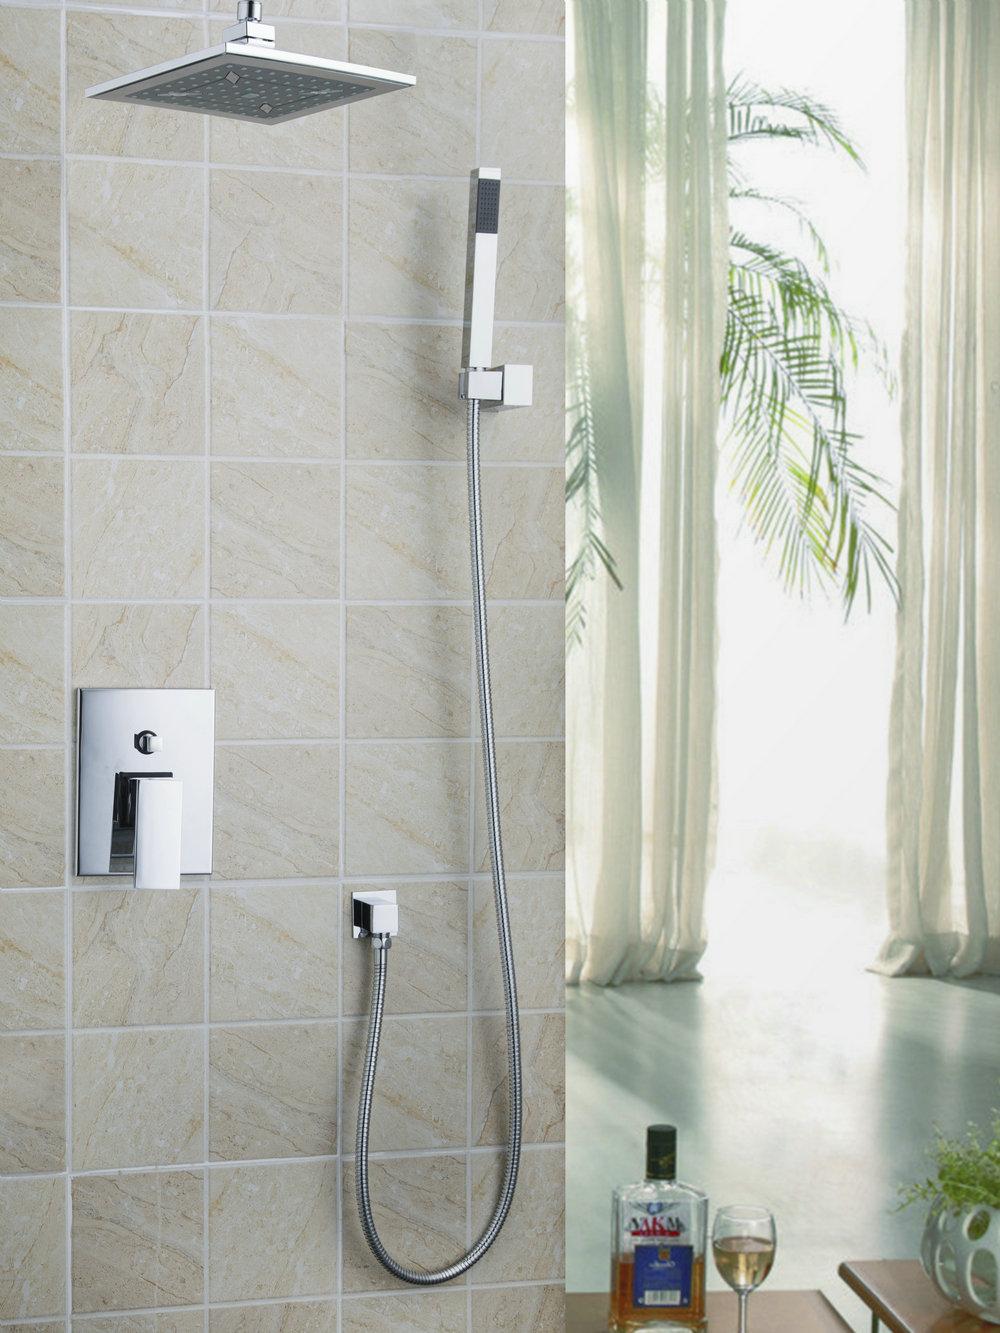 Hose for bathroom faucet - Spray Hose For Bathtub Faucet